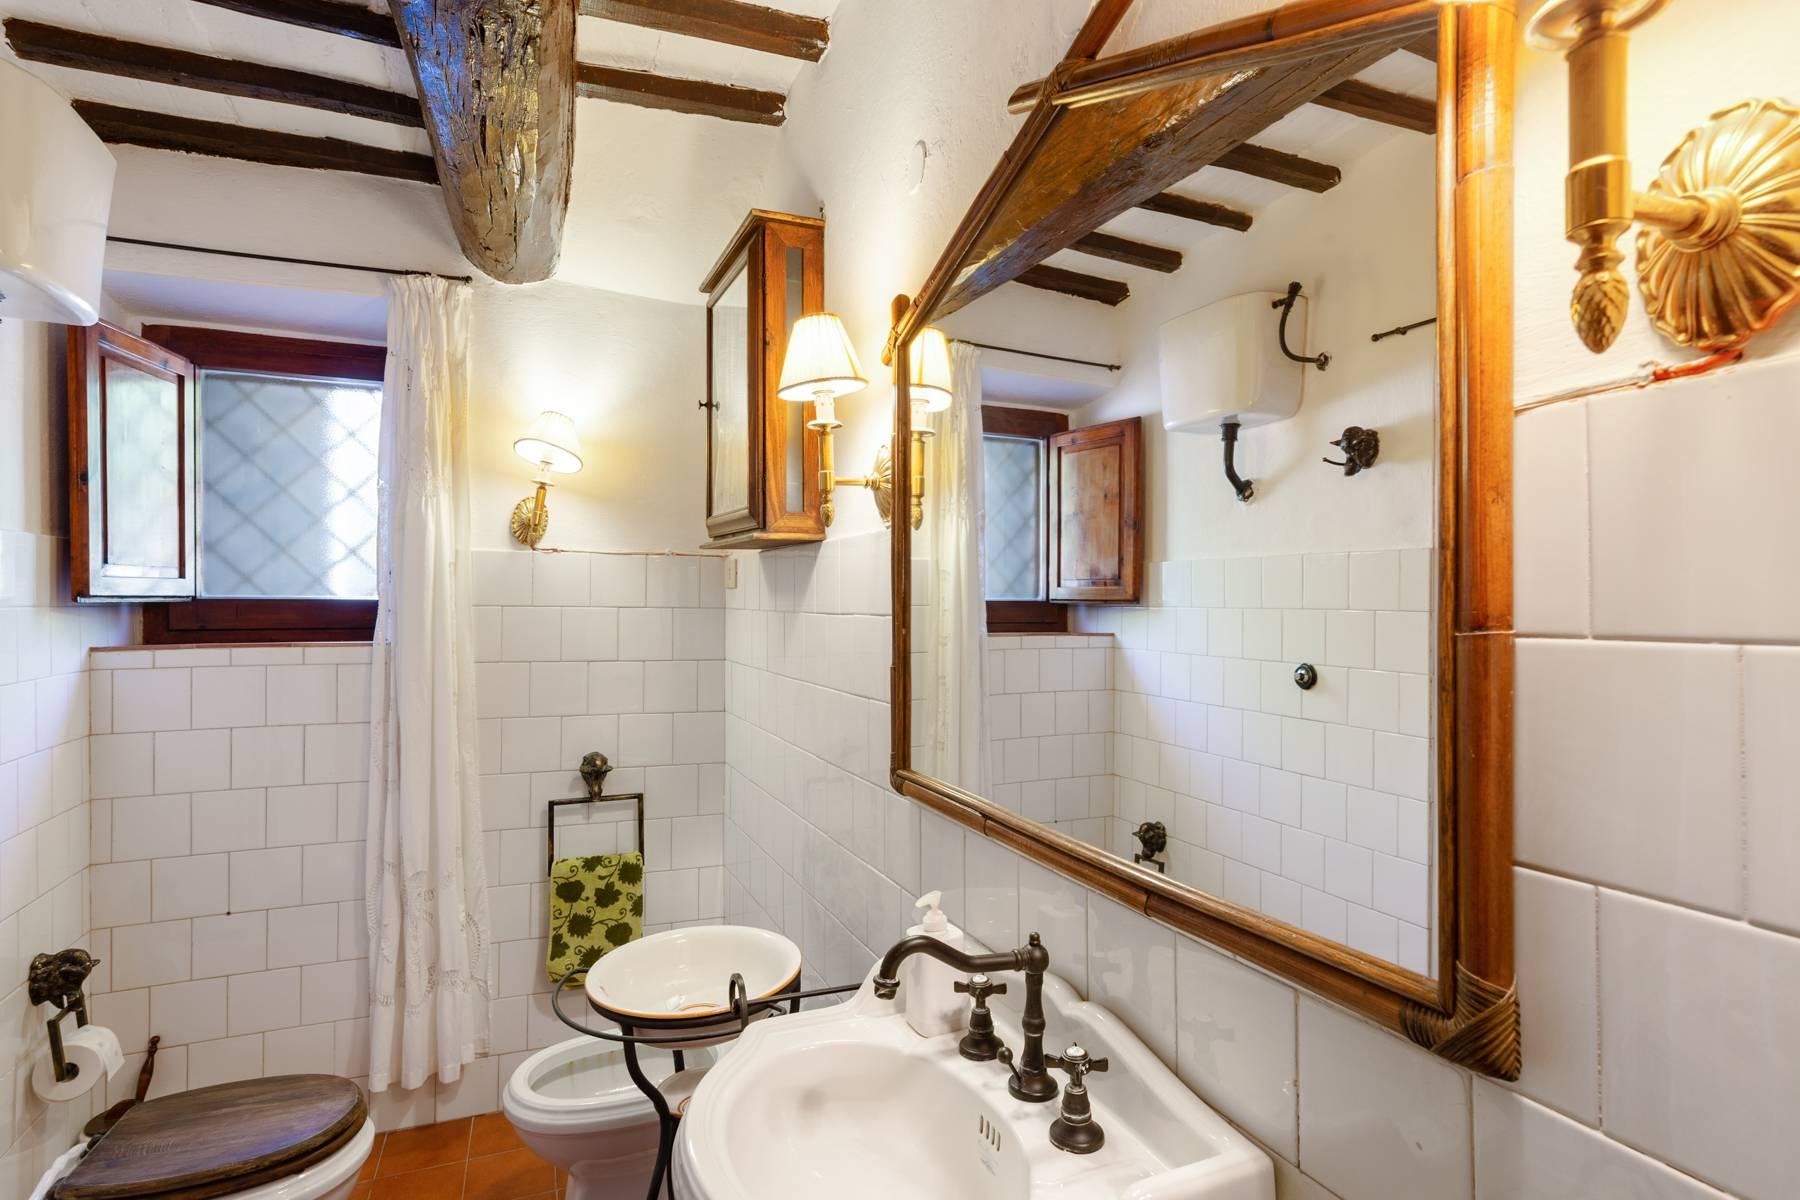 Rustico in Vendita a Orvieto: 5 locali, 484 mq - Foto 7